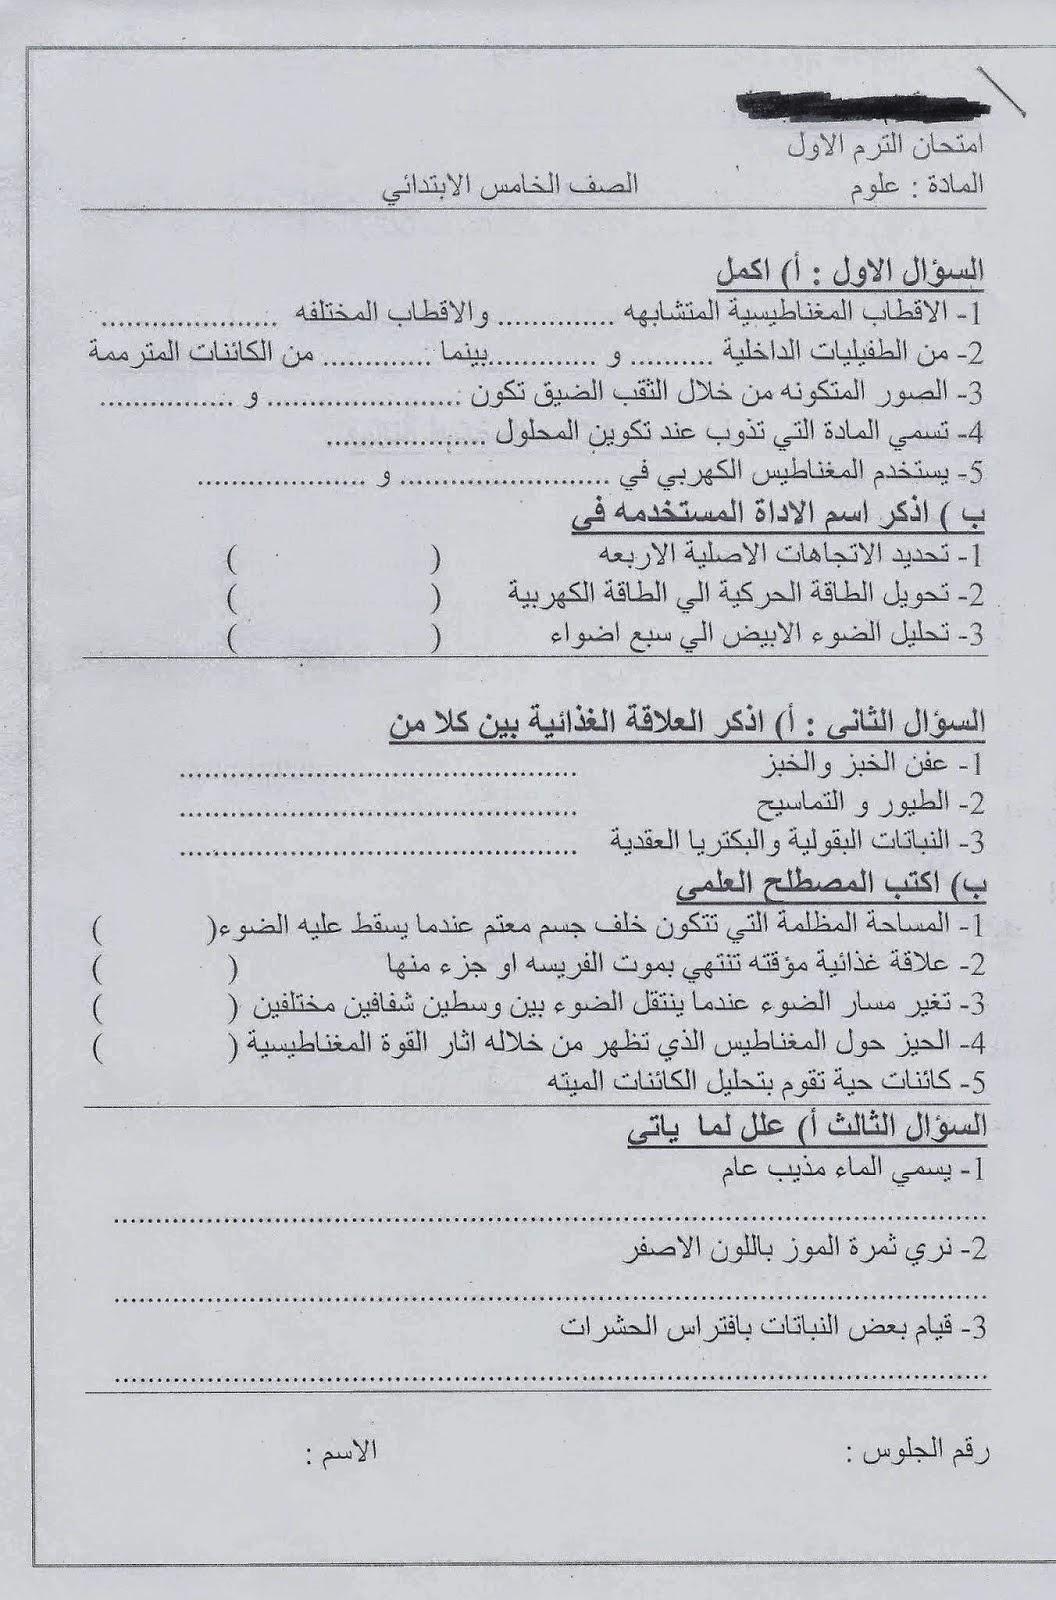 امتحانات كل مواد الصف الخامس الابتدائي الترم الأول 2015 مدارس مصر حكومى و لغات scan0103.jpg